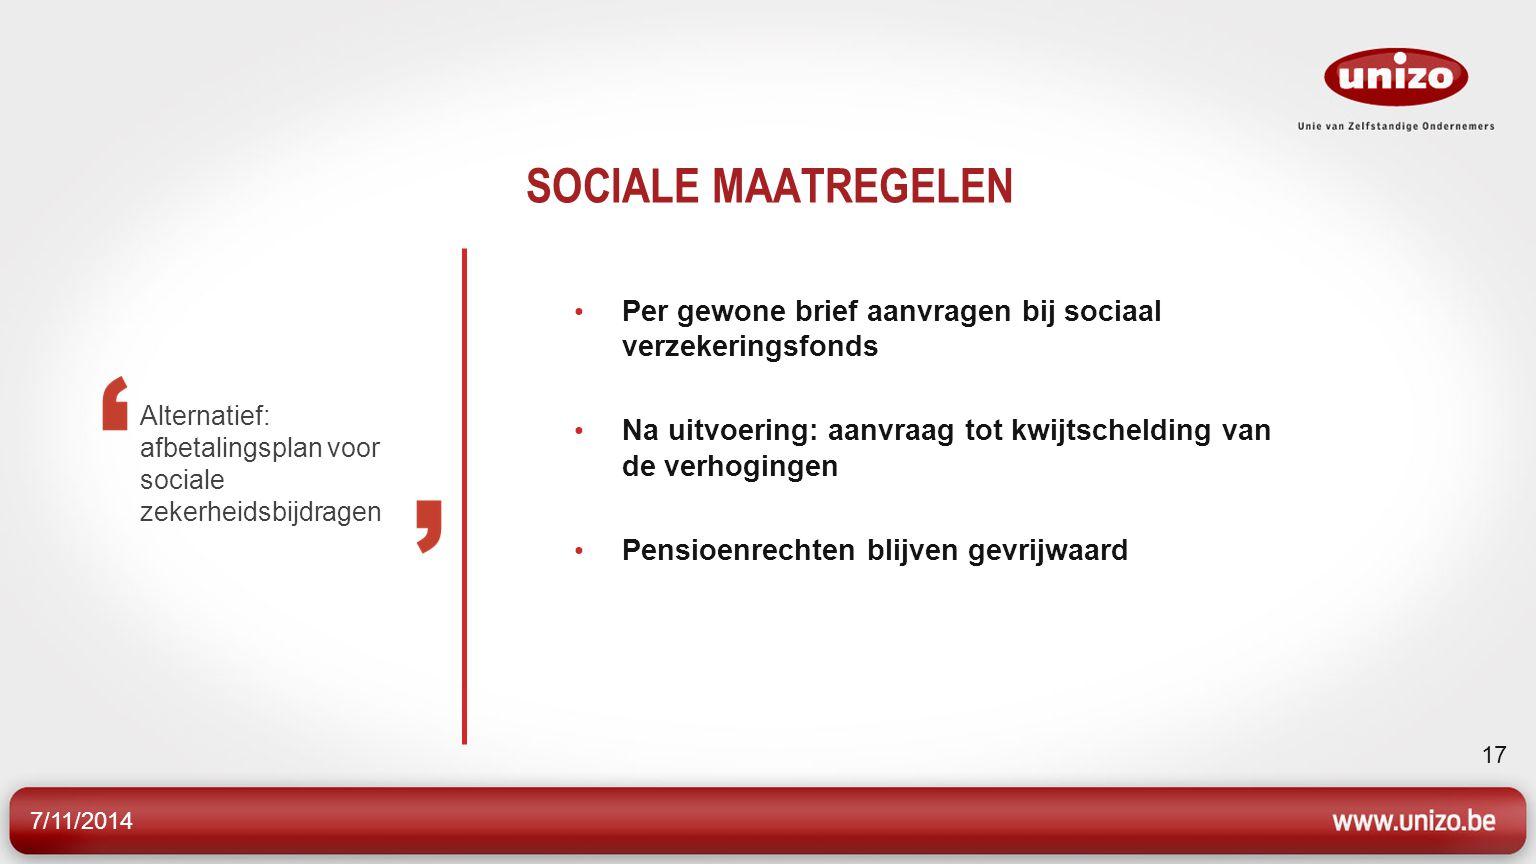 SOCIALE MAATREGELEN Per gewone brief aanvragen bij sociaal verzekeringsfonds. Na uitvoering: aanvraag tot kwijtschelding van de verhogingen.